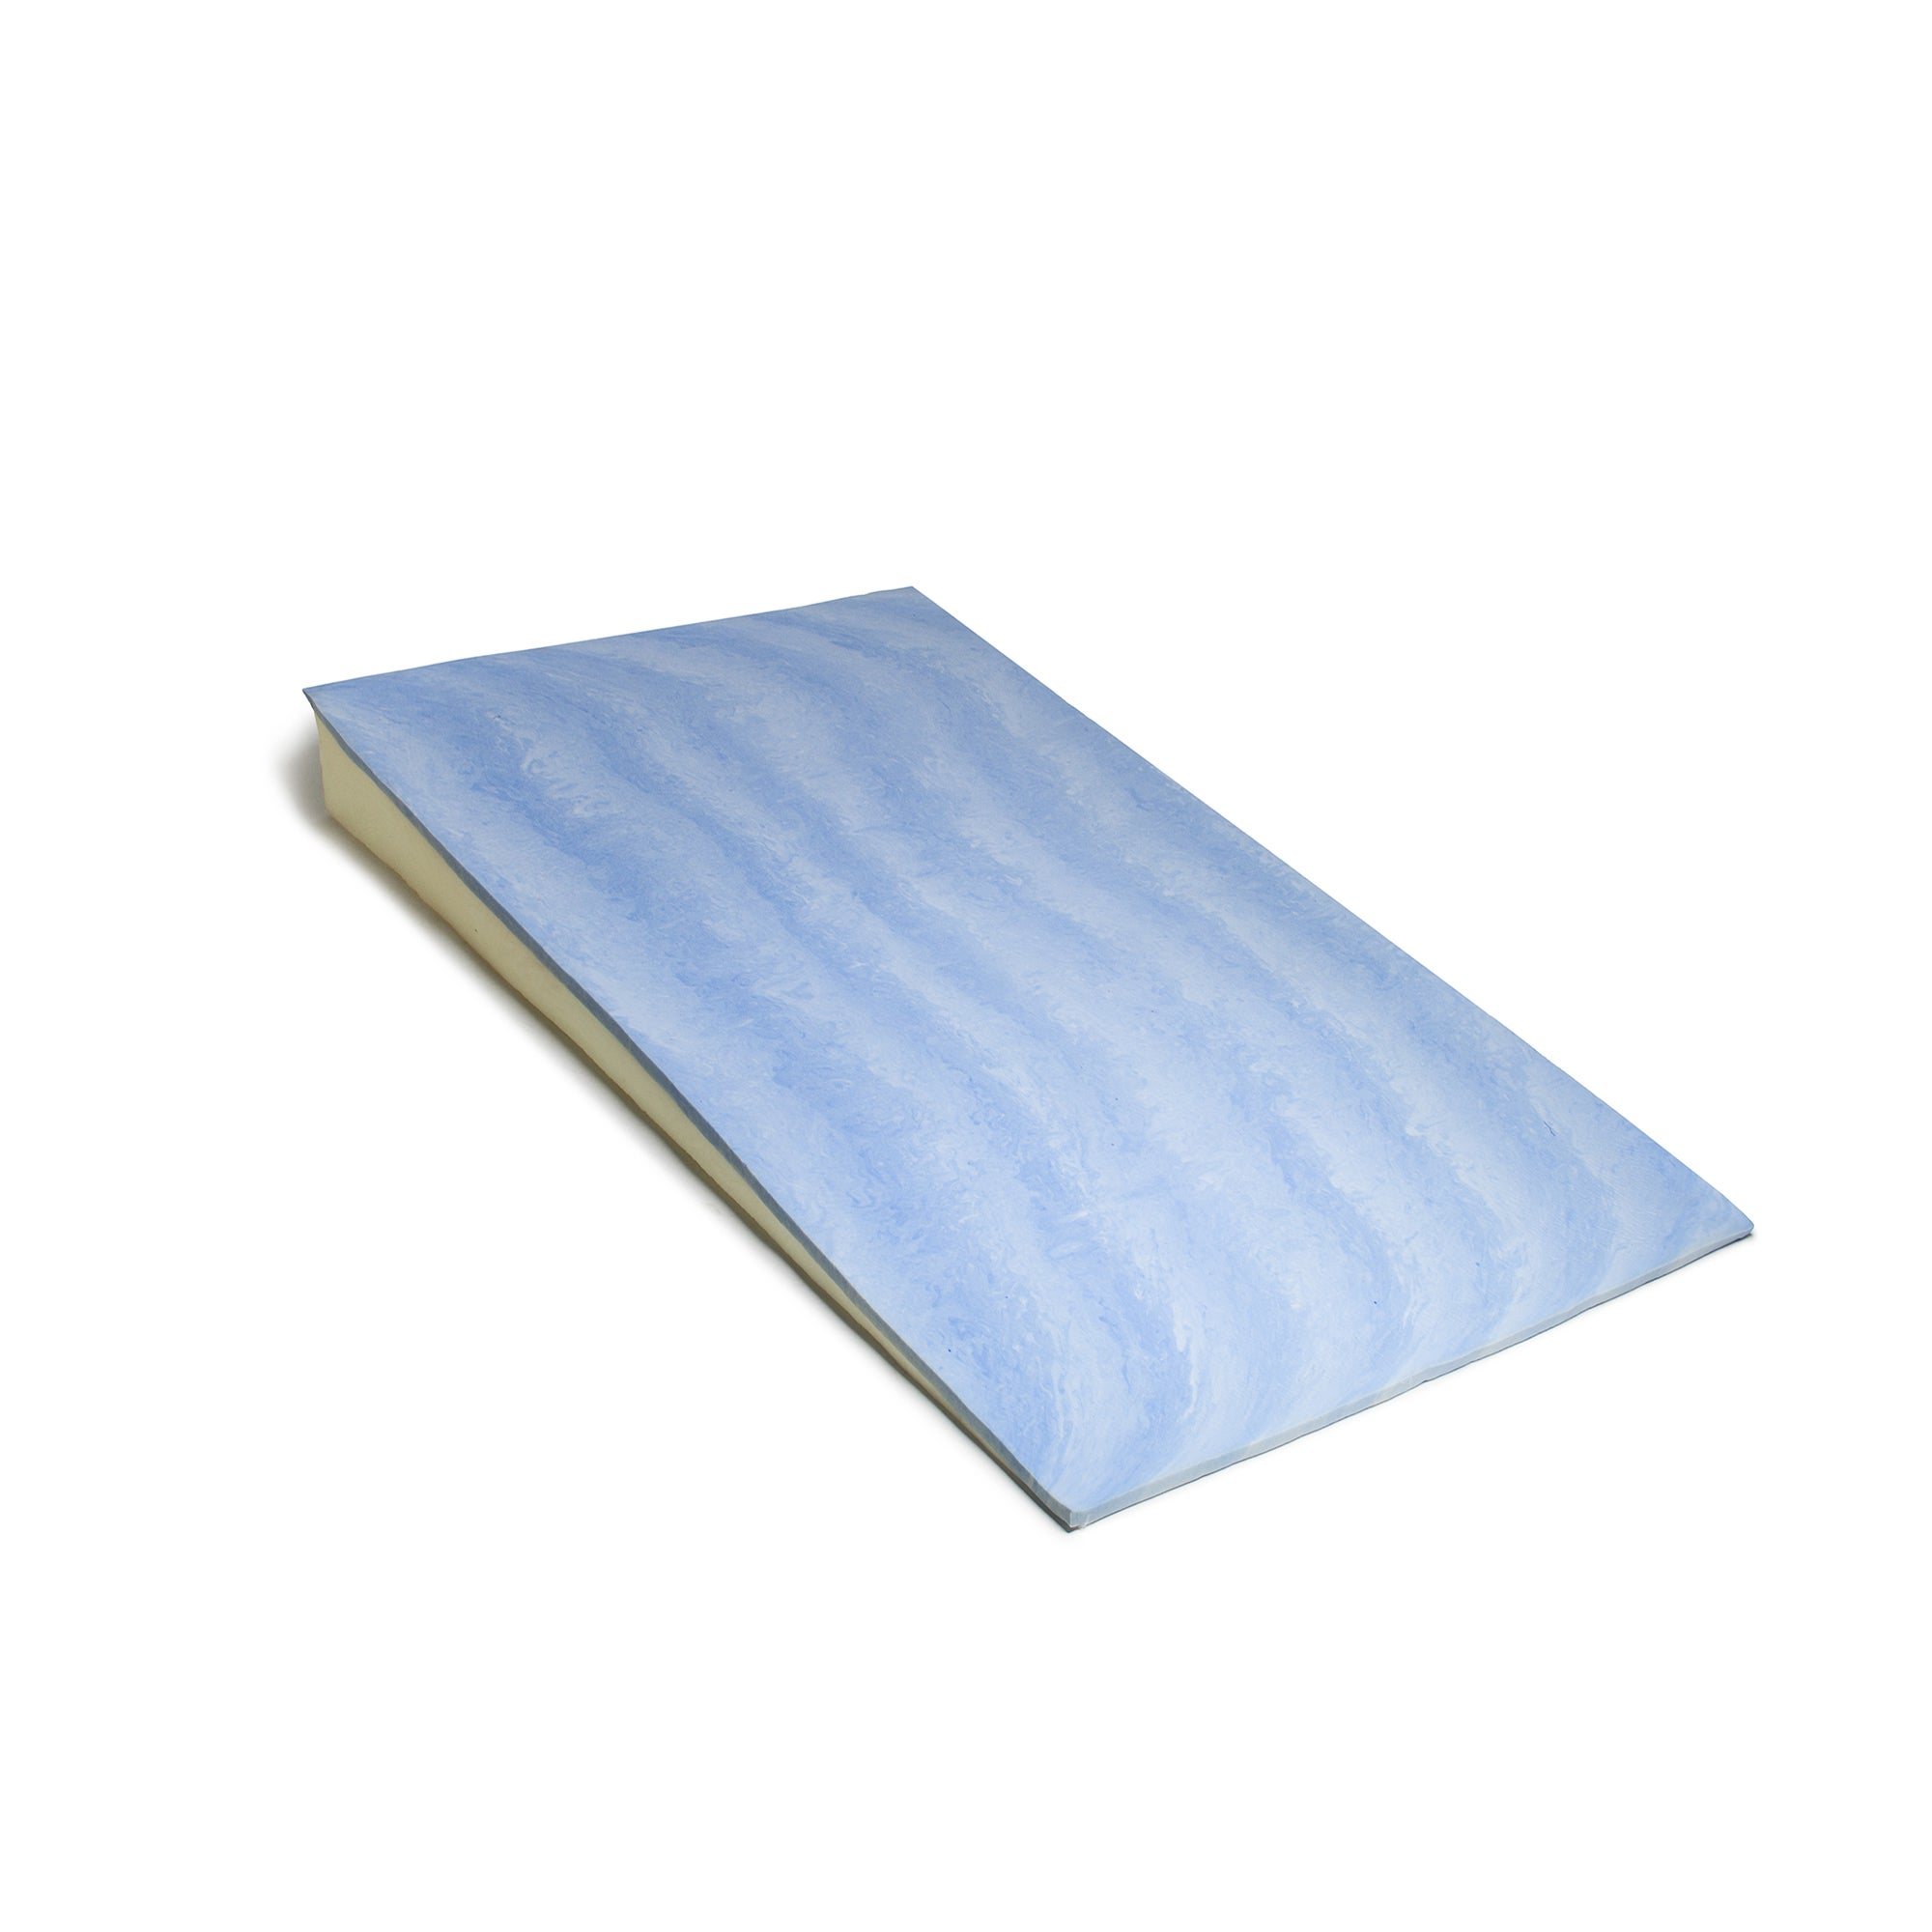 hero com overstock memory a how topper to way foam mats guides best the mat clean memoryfoam mattress